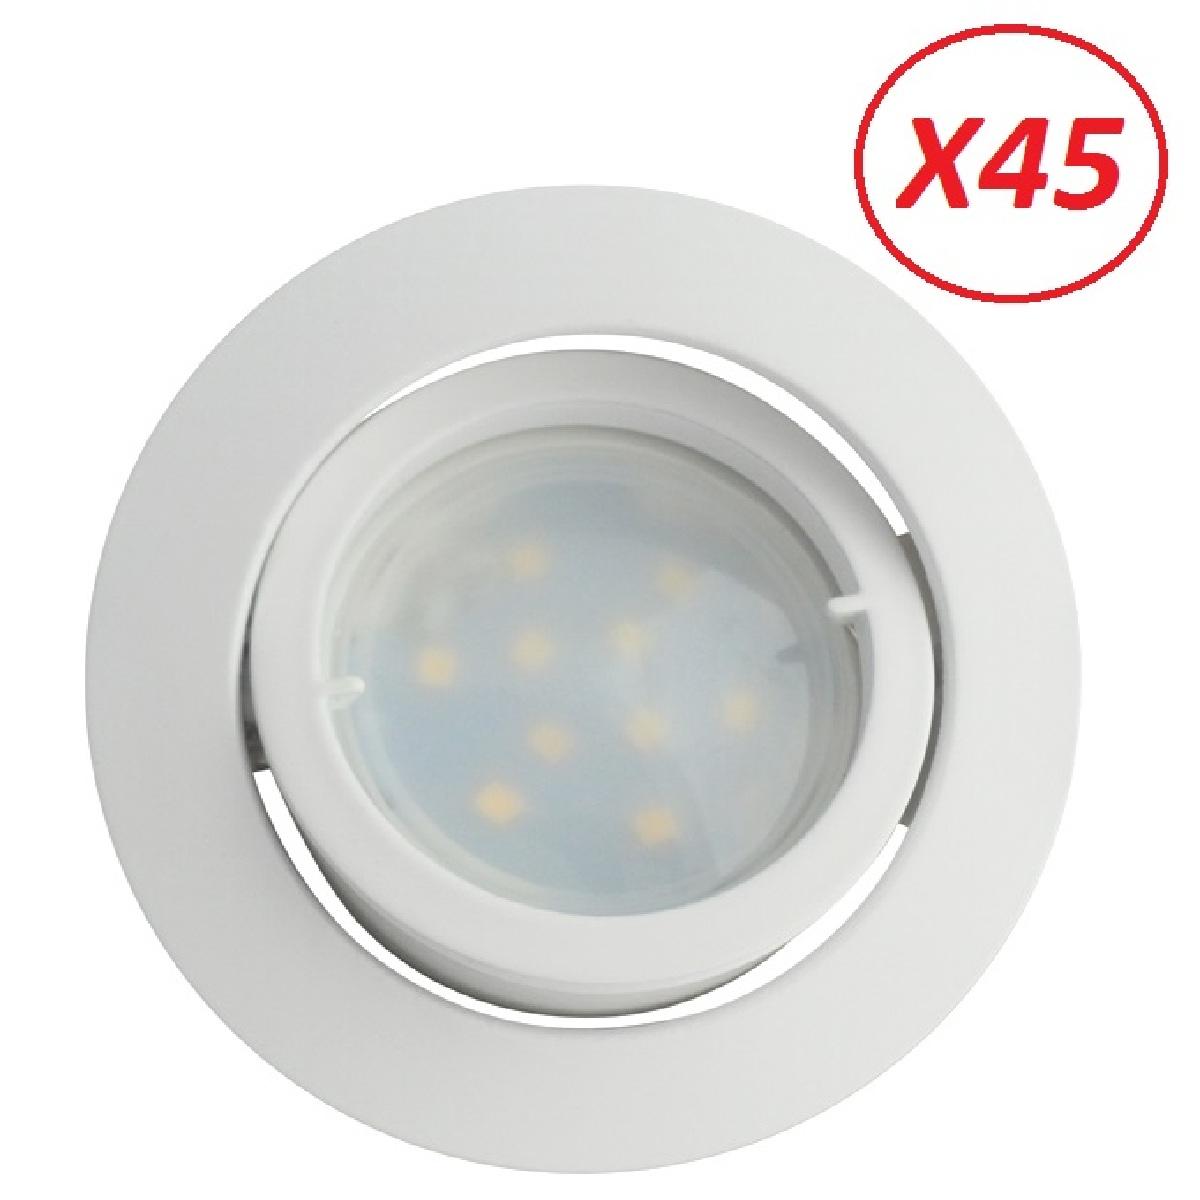 Lampesecoenergie Lot de 45 Spot Led Encastrable Complete Blanc Orientable lumière Blanc Neutre eq. 50W ref.888